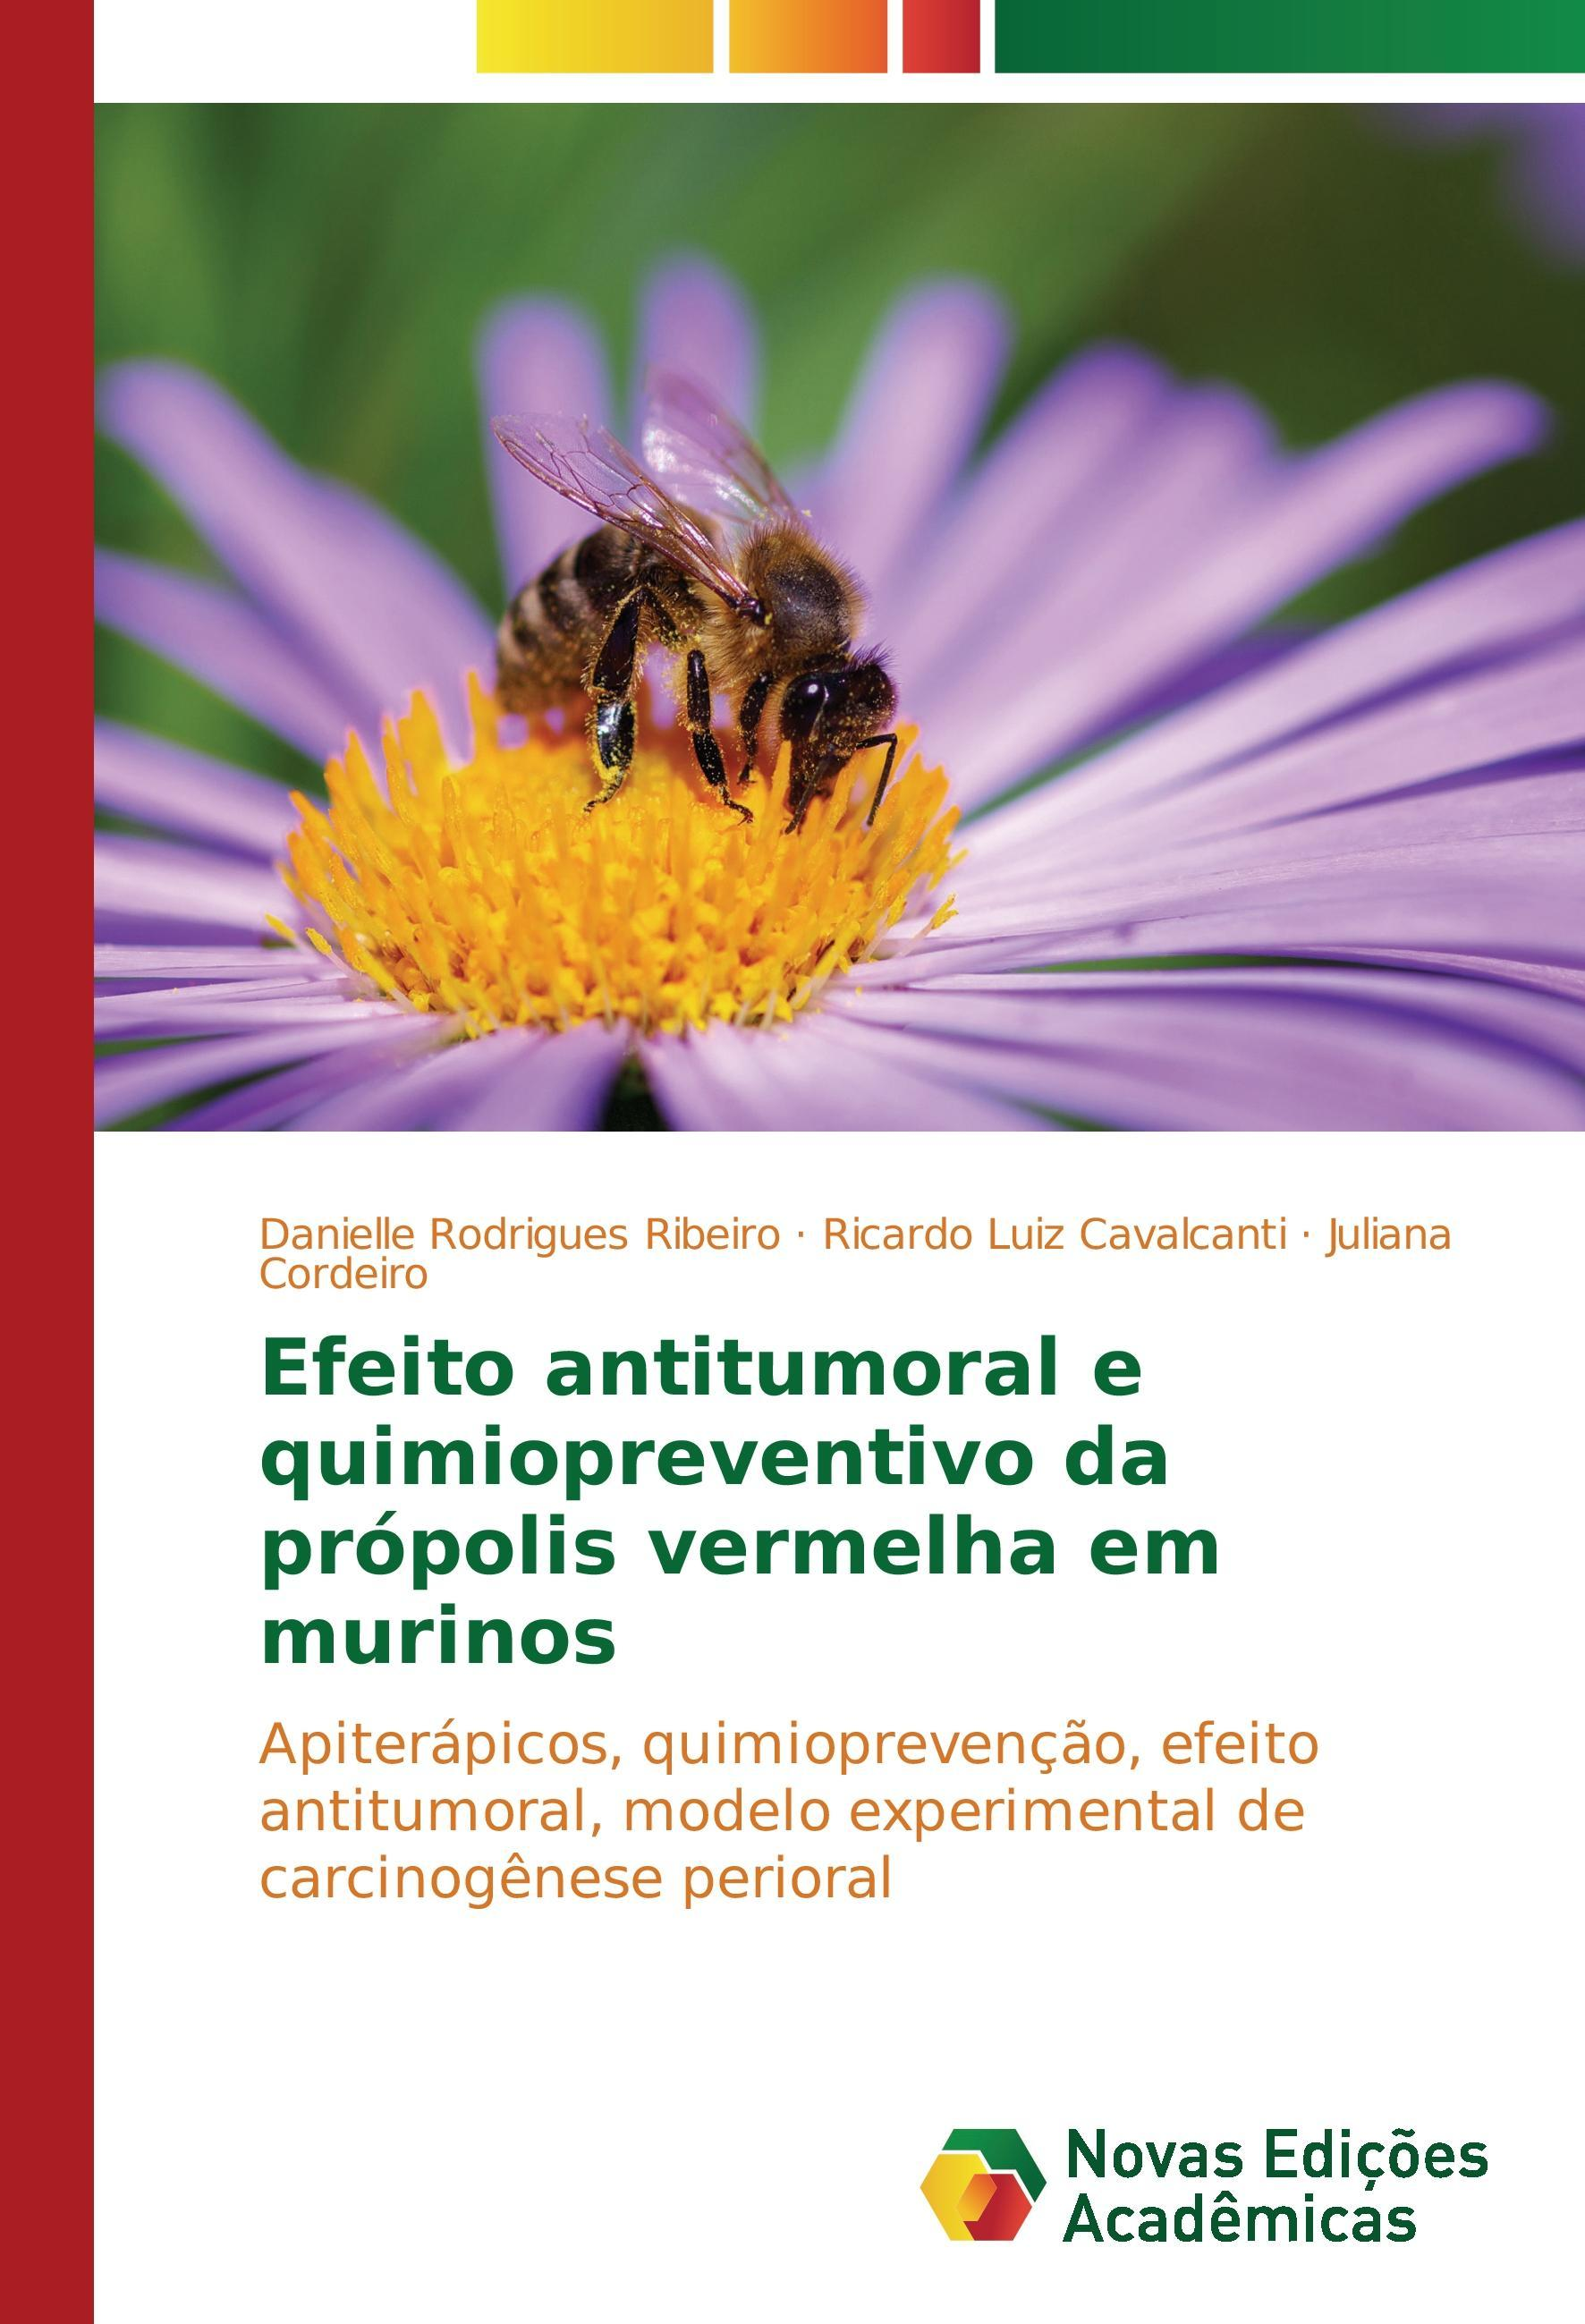 Efeito antitumoral e quimiopreventivo da própolis vermelha em murinos - Rodrigues Ribeiro, Danielle Cavalcanti, Ricardo Luiz Cordeiro, Juliana